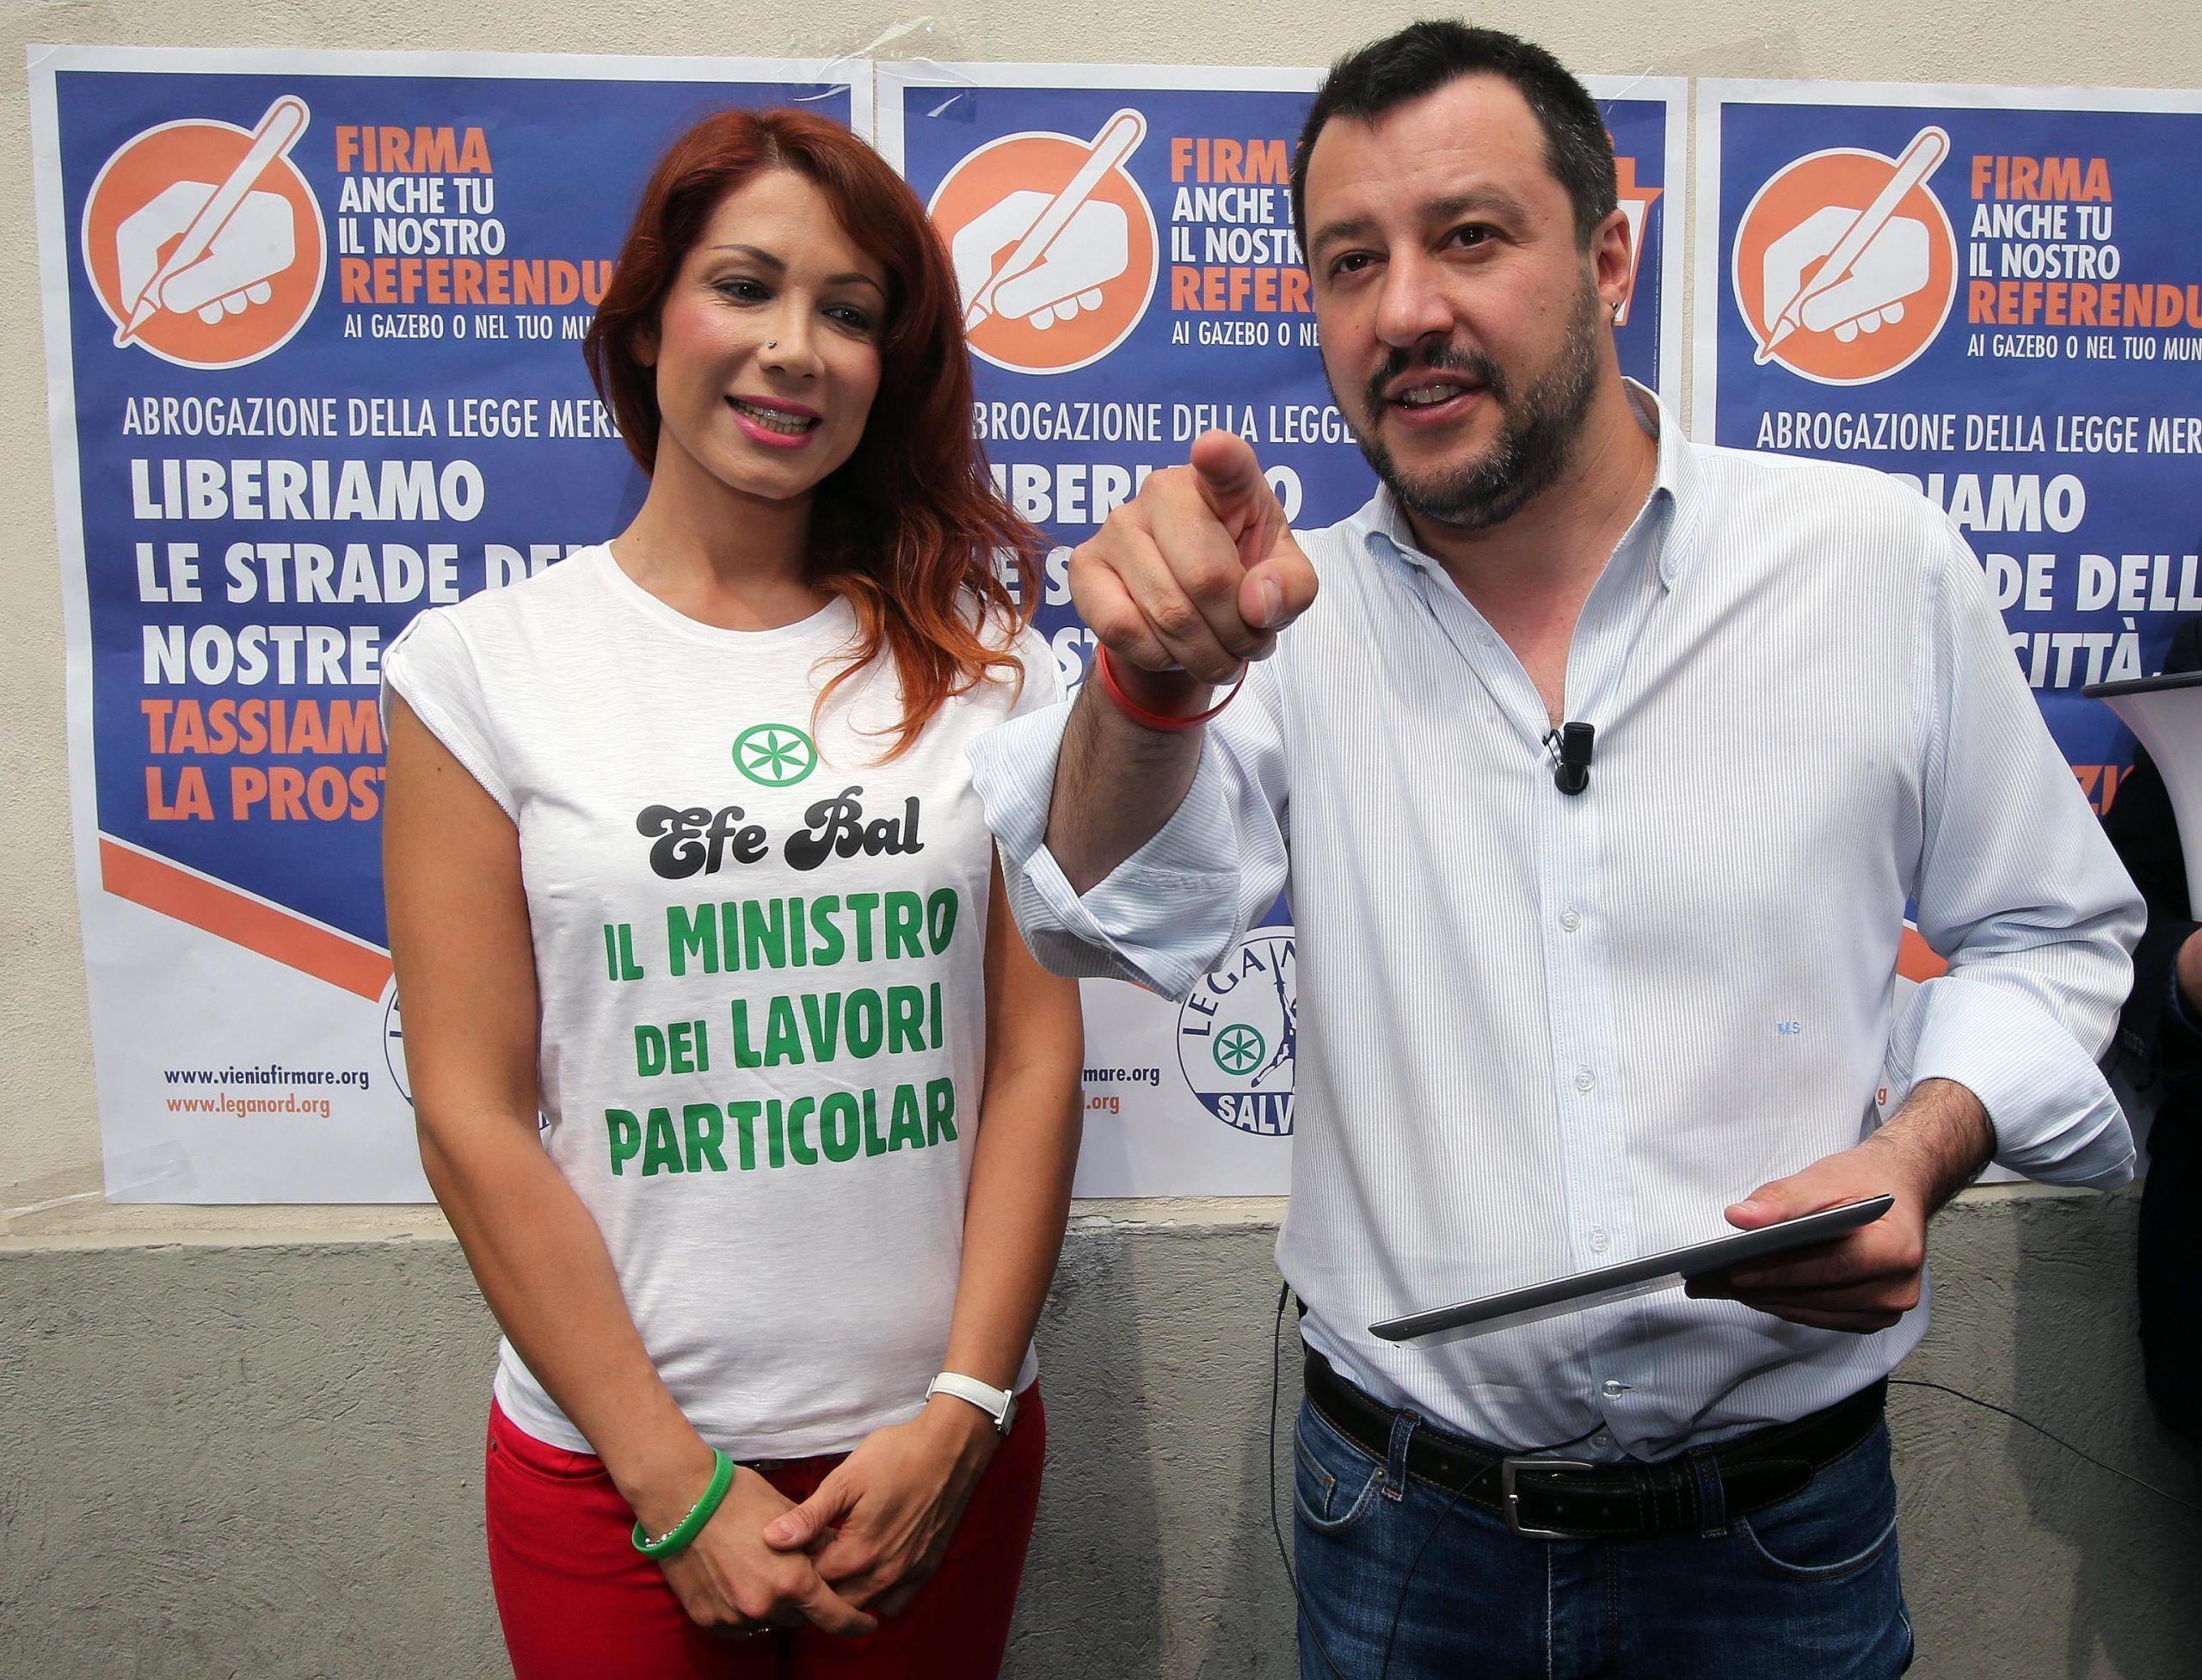 Efe-Bal-vs-Salvini-Lho-conosciuto-9-anni-fa-nel-covo-della-Lega.jpg